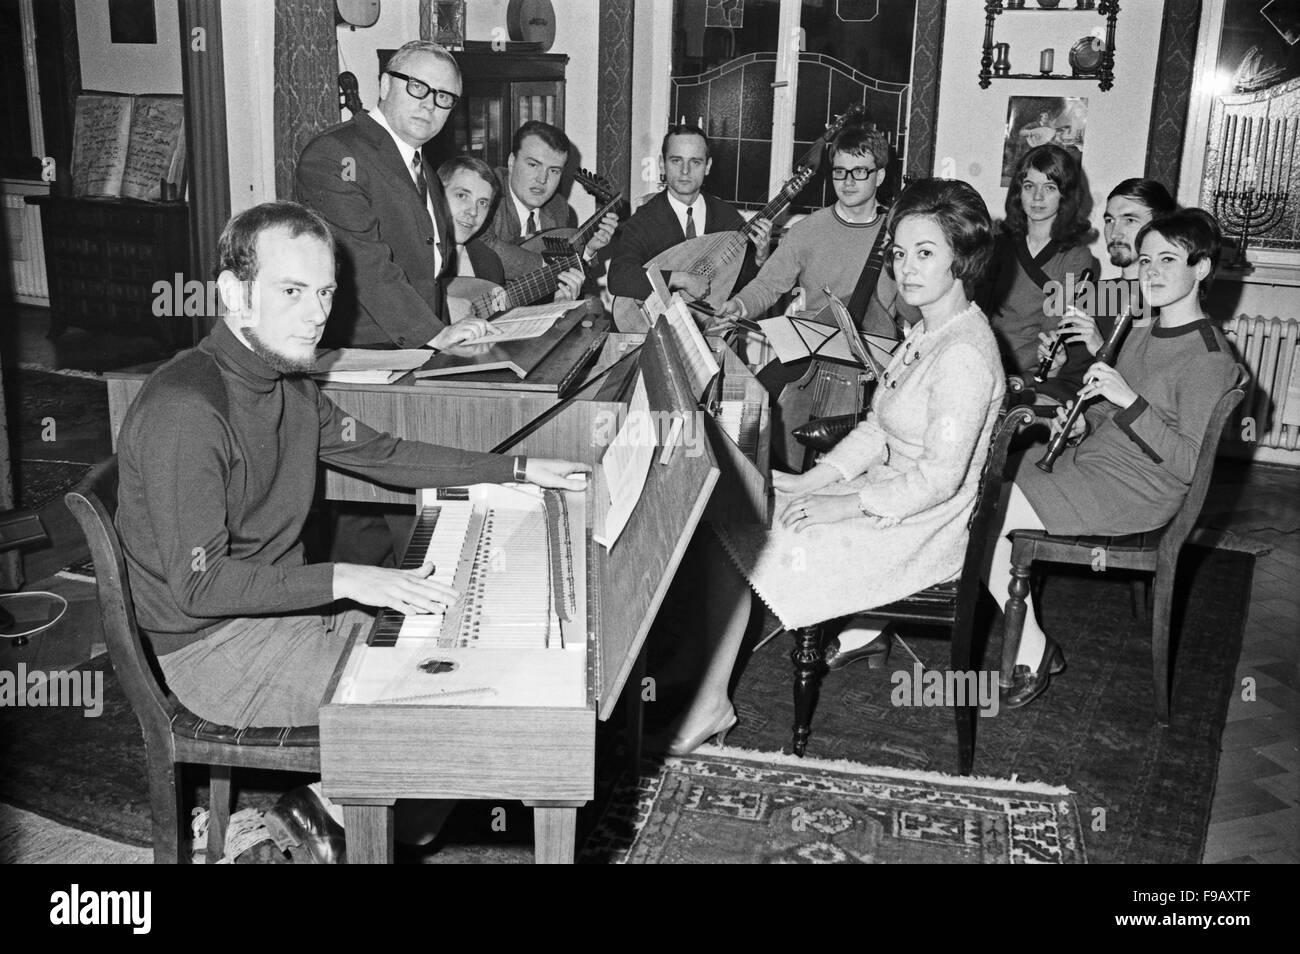 Der Deutsche Jazzgitarrist Und Publizist Werner Pöhlert (Anzug Und Brille) Mit Schülern Seiner Gitarrenschule, 1960er Stockfoto